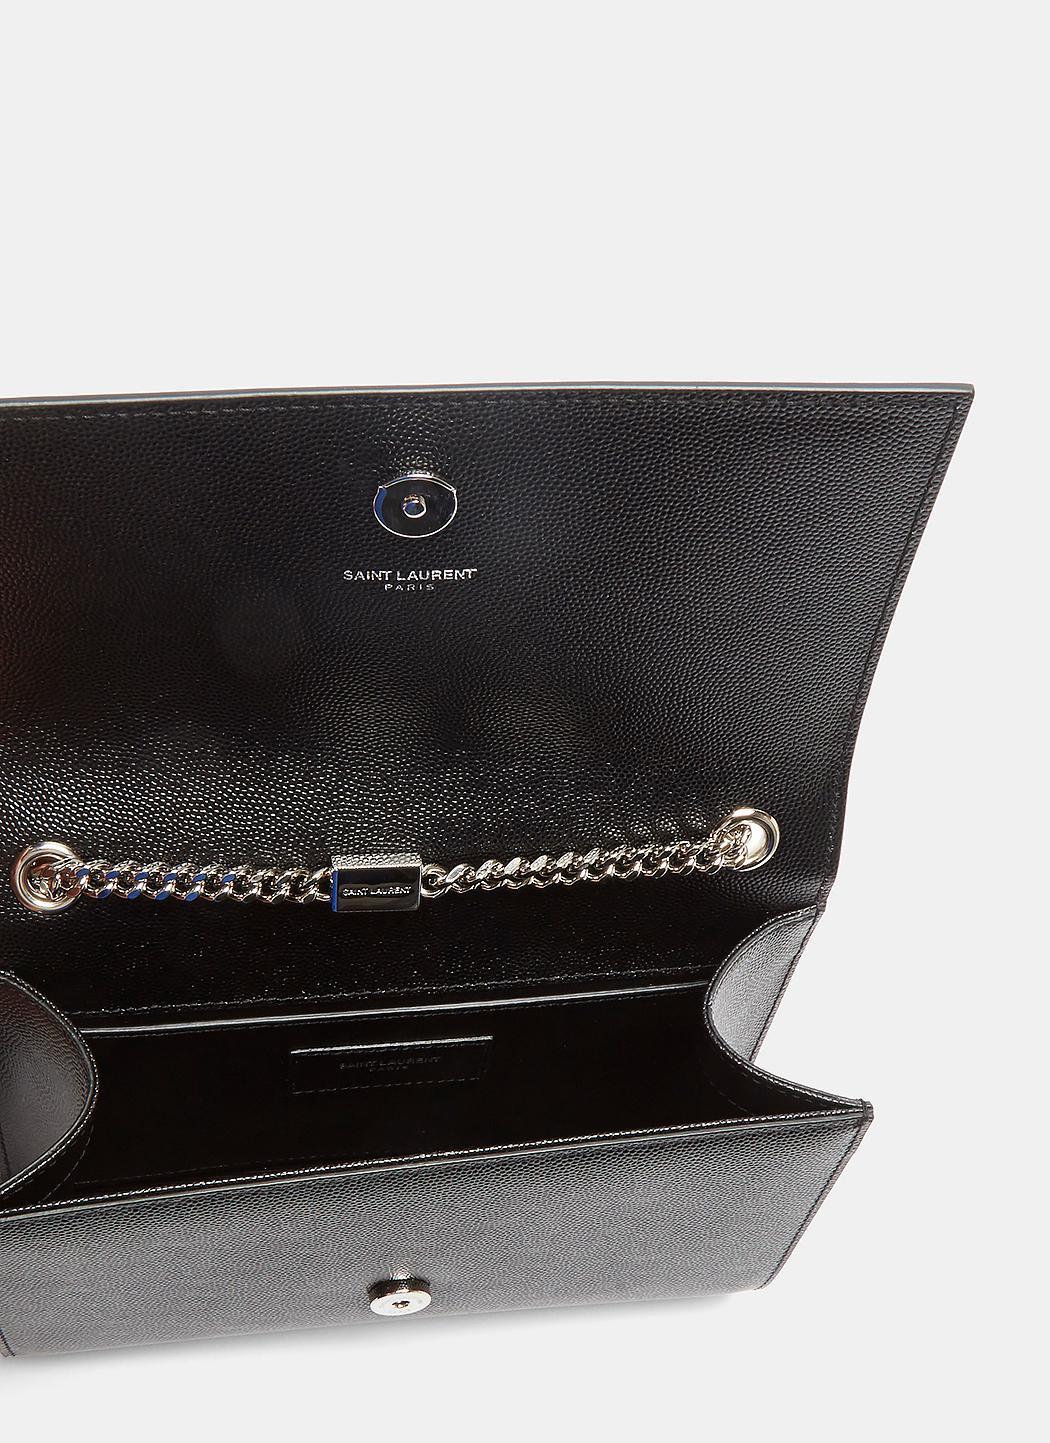 481af8dfe7 Saint Laurent Small Kate Grain De Poudre Chain Bag In Black